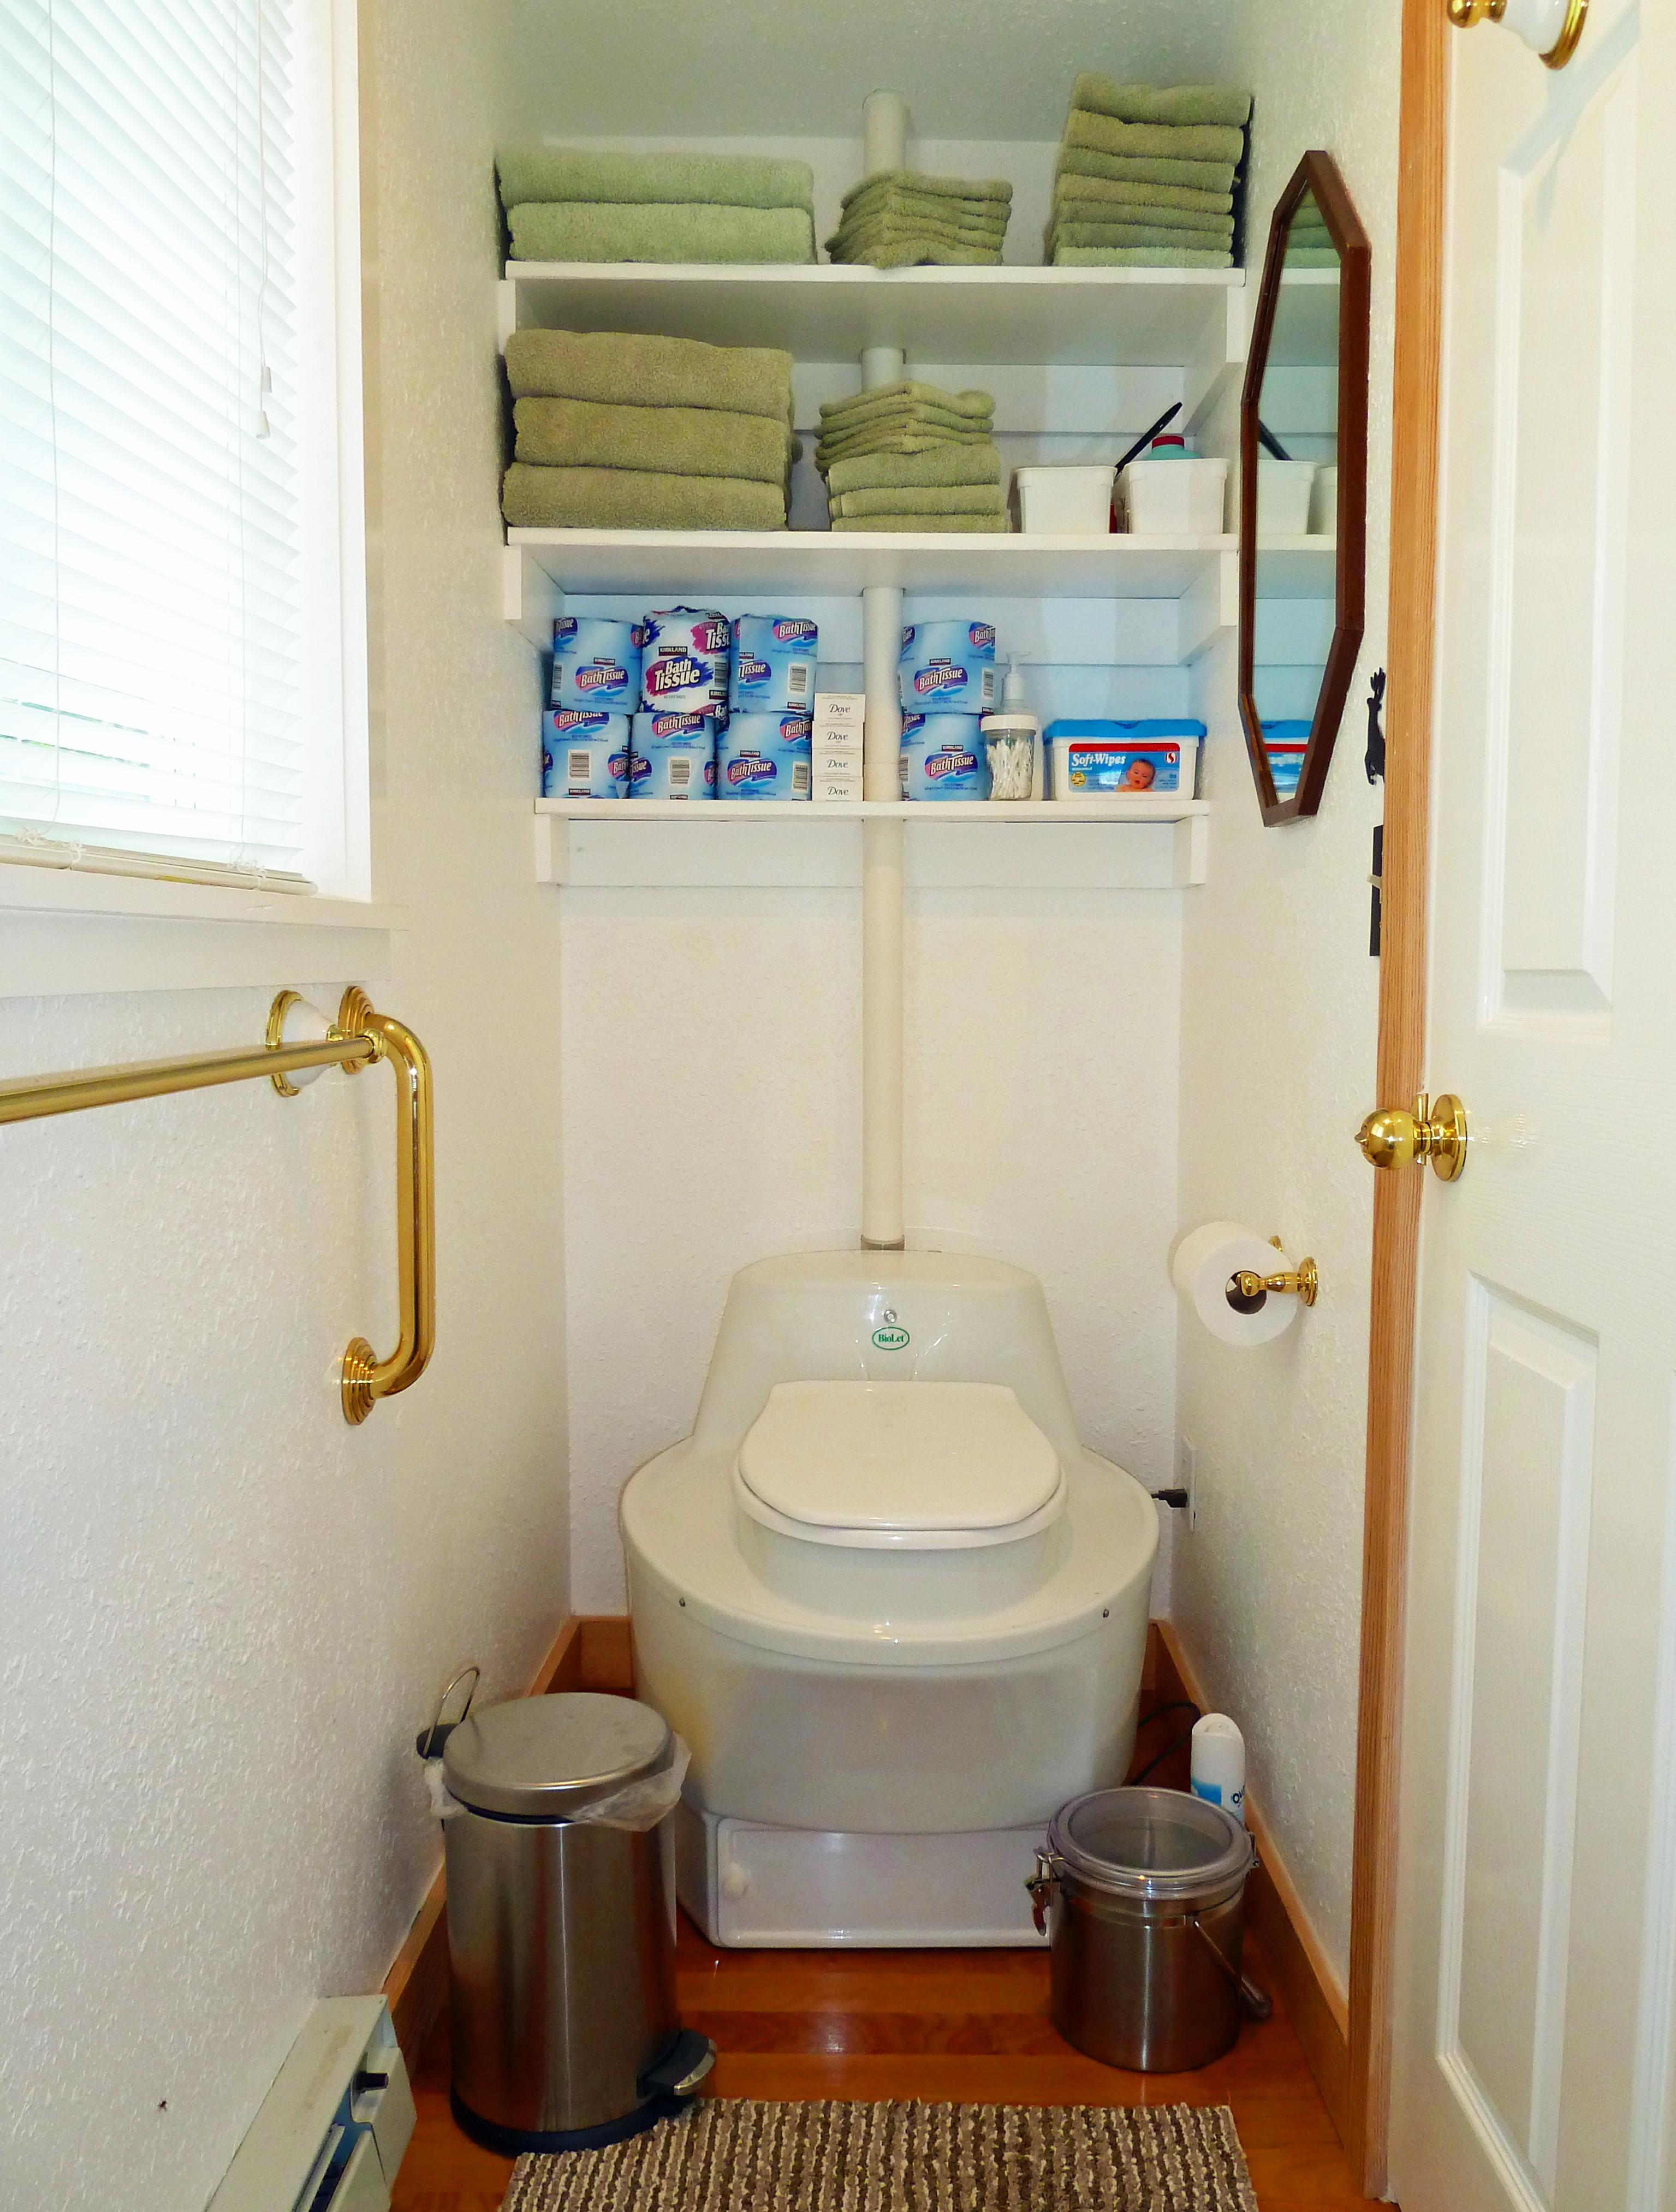 Biolet Composting Toilet